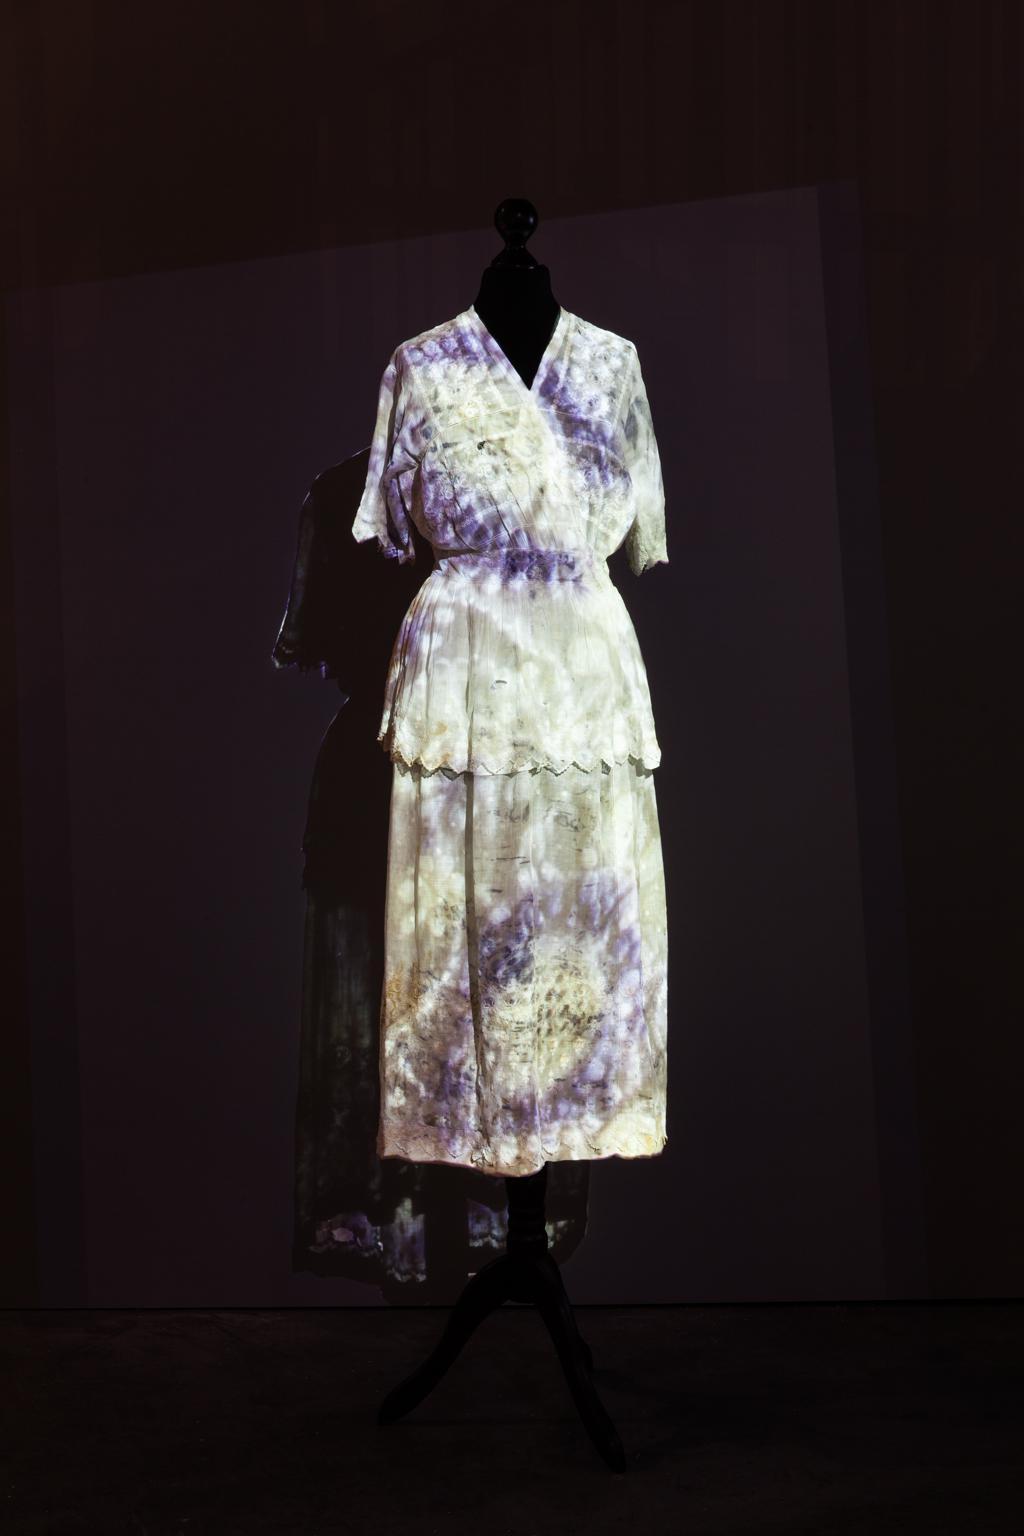 Projektion auf eine Kleiderpuppe, die Kleiderpuppe trägt ein weißes Kleid.